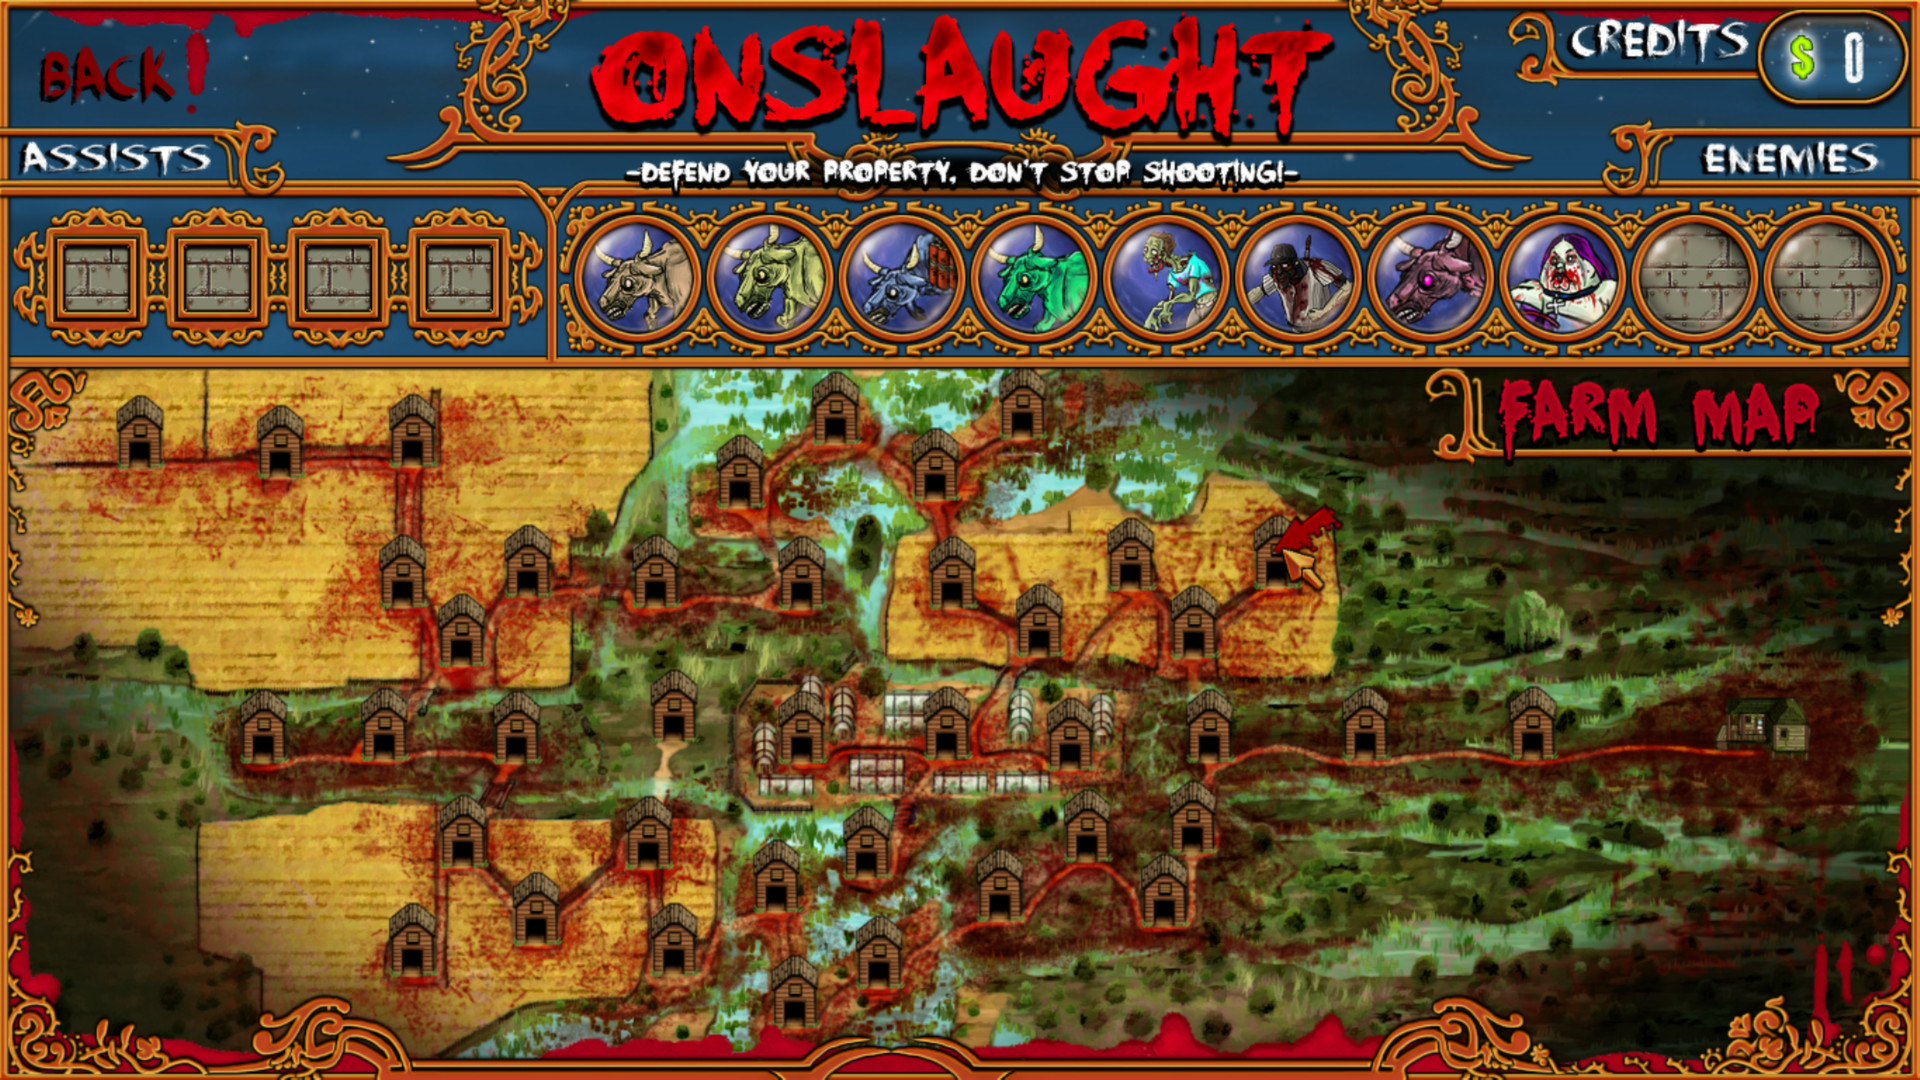 com.steam.297020-screenshot